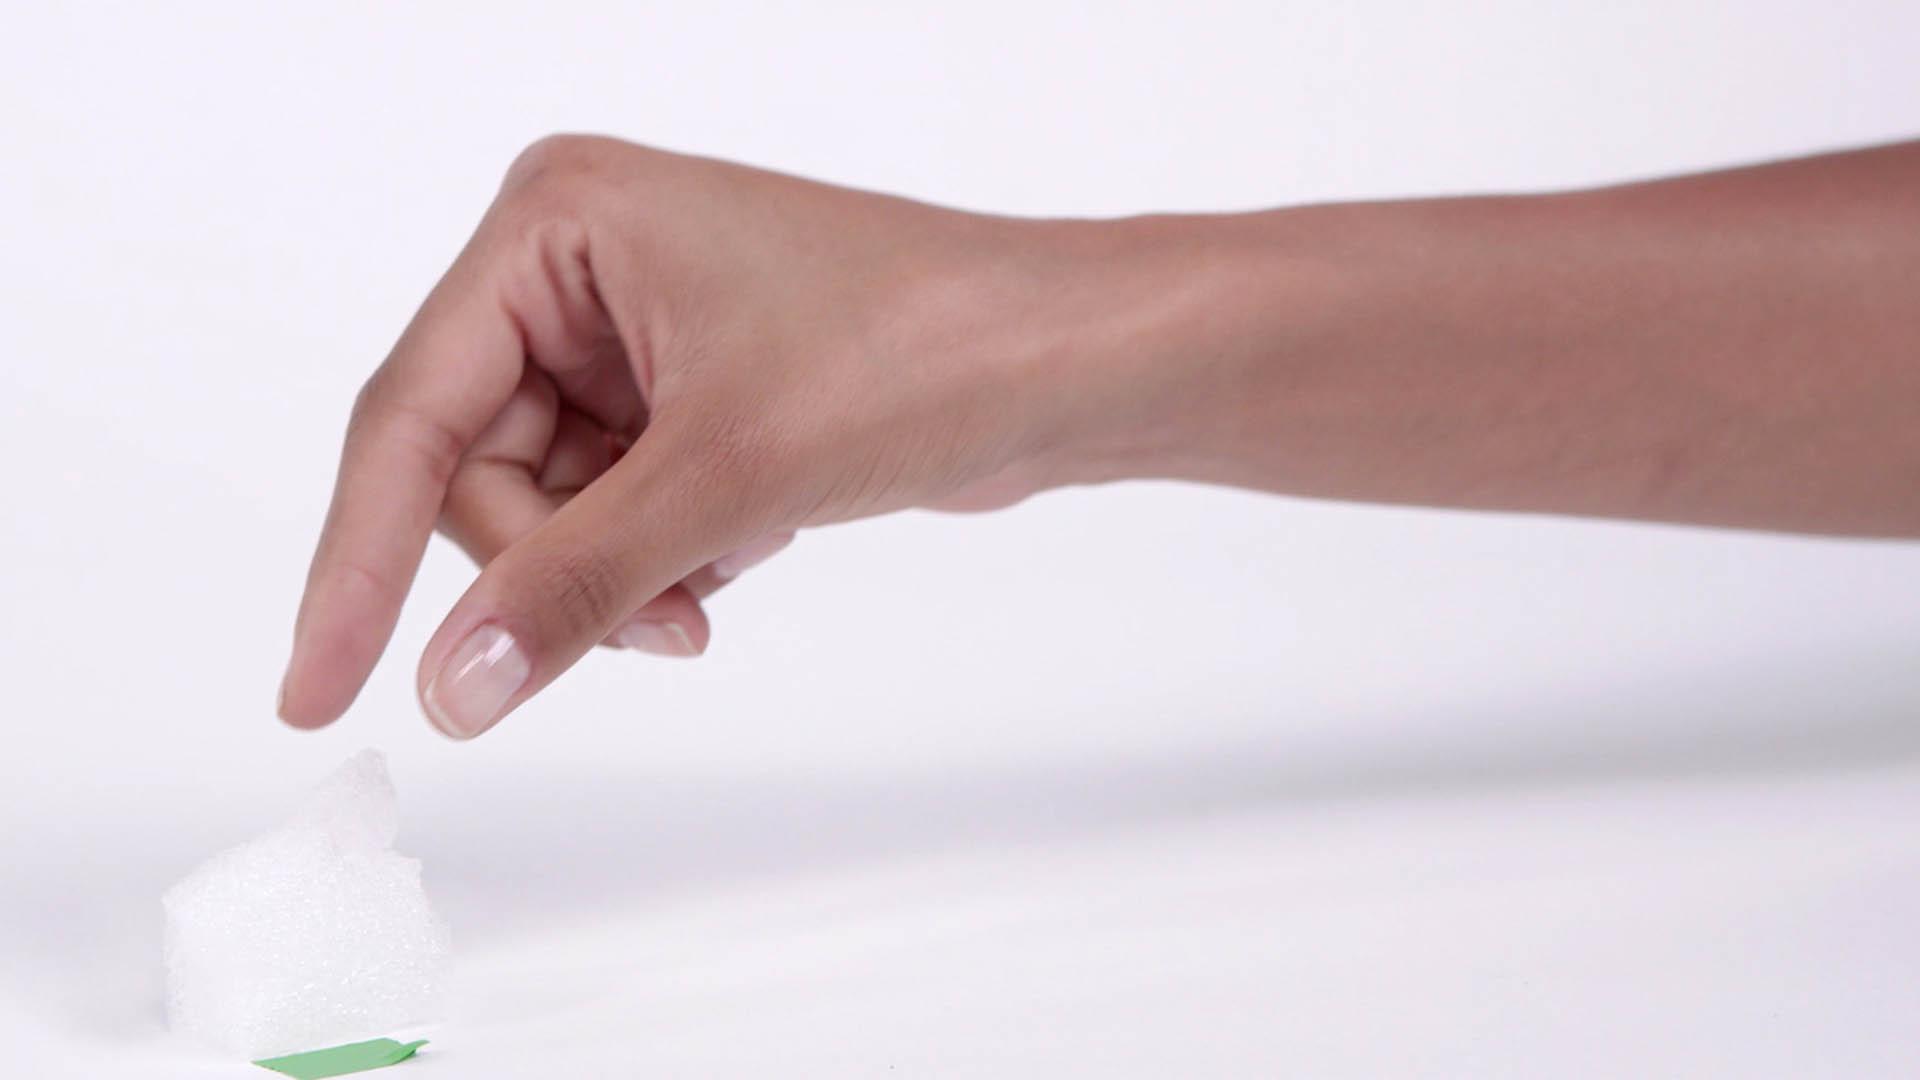 Das Bild zeigt einen Arm. Dieser Arm greift mit seiner Hand auf die linke Seite des Bildes. Dort liegt ein Schaumhaufen. Das Bild dient als Sliderbild für den Portfolioeintrag Ohropax OTC Kampagne von Panda Pictures.